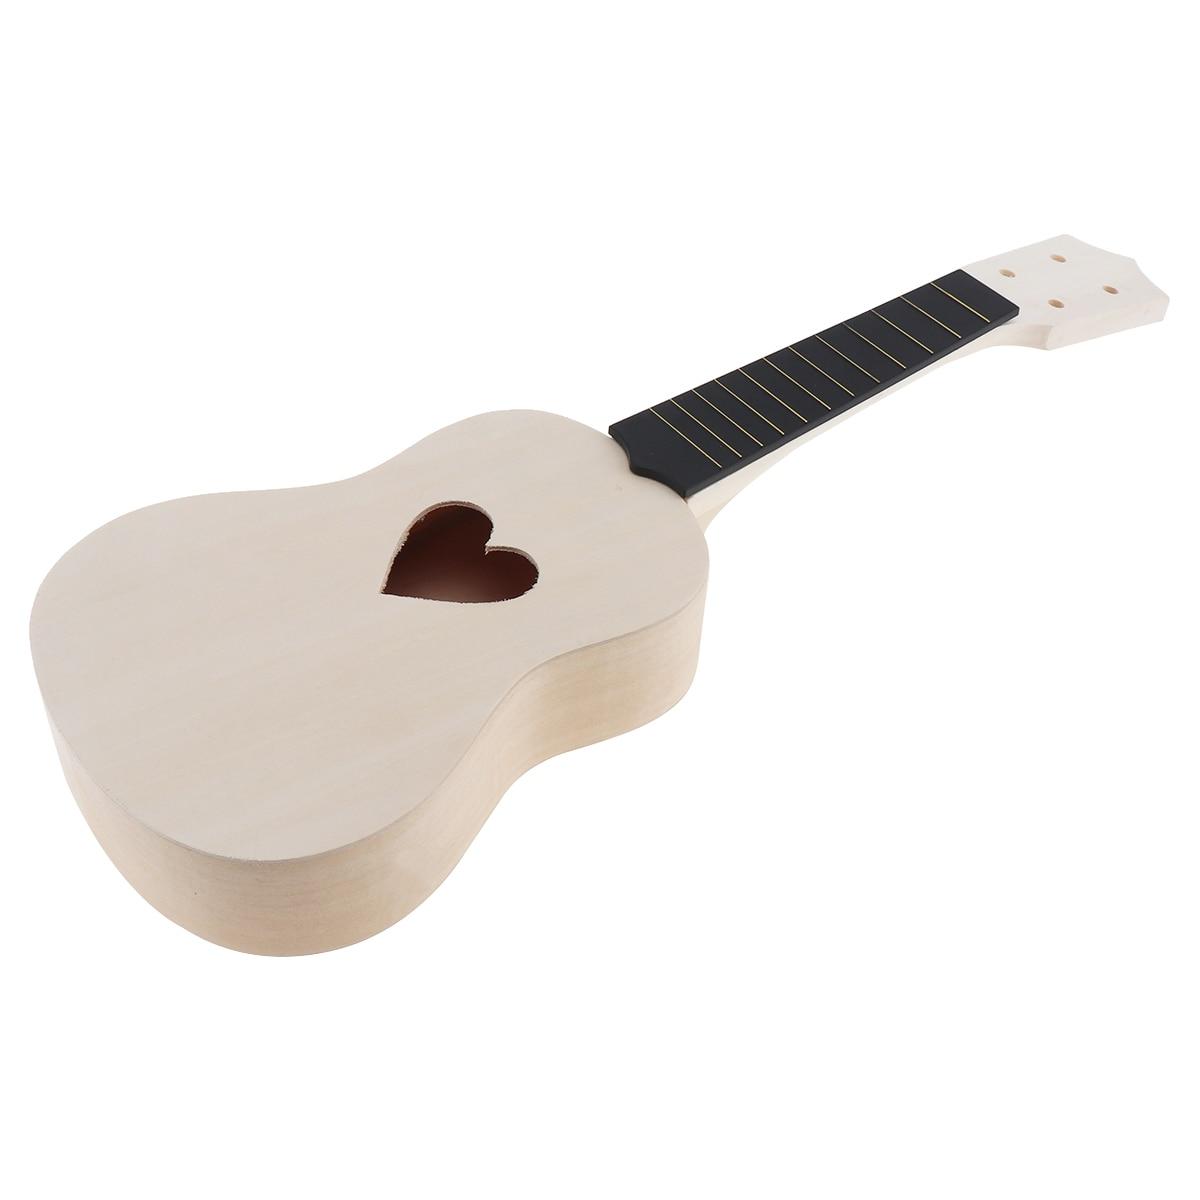 21 Inch Heart Shape Hole Soprano Ukulele DIY Kit Basswood Hawaii Guitar Handwork Painting Ukelele for Parents-child Campaign enlarge